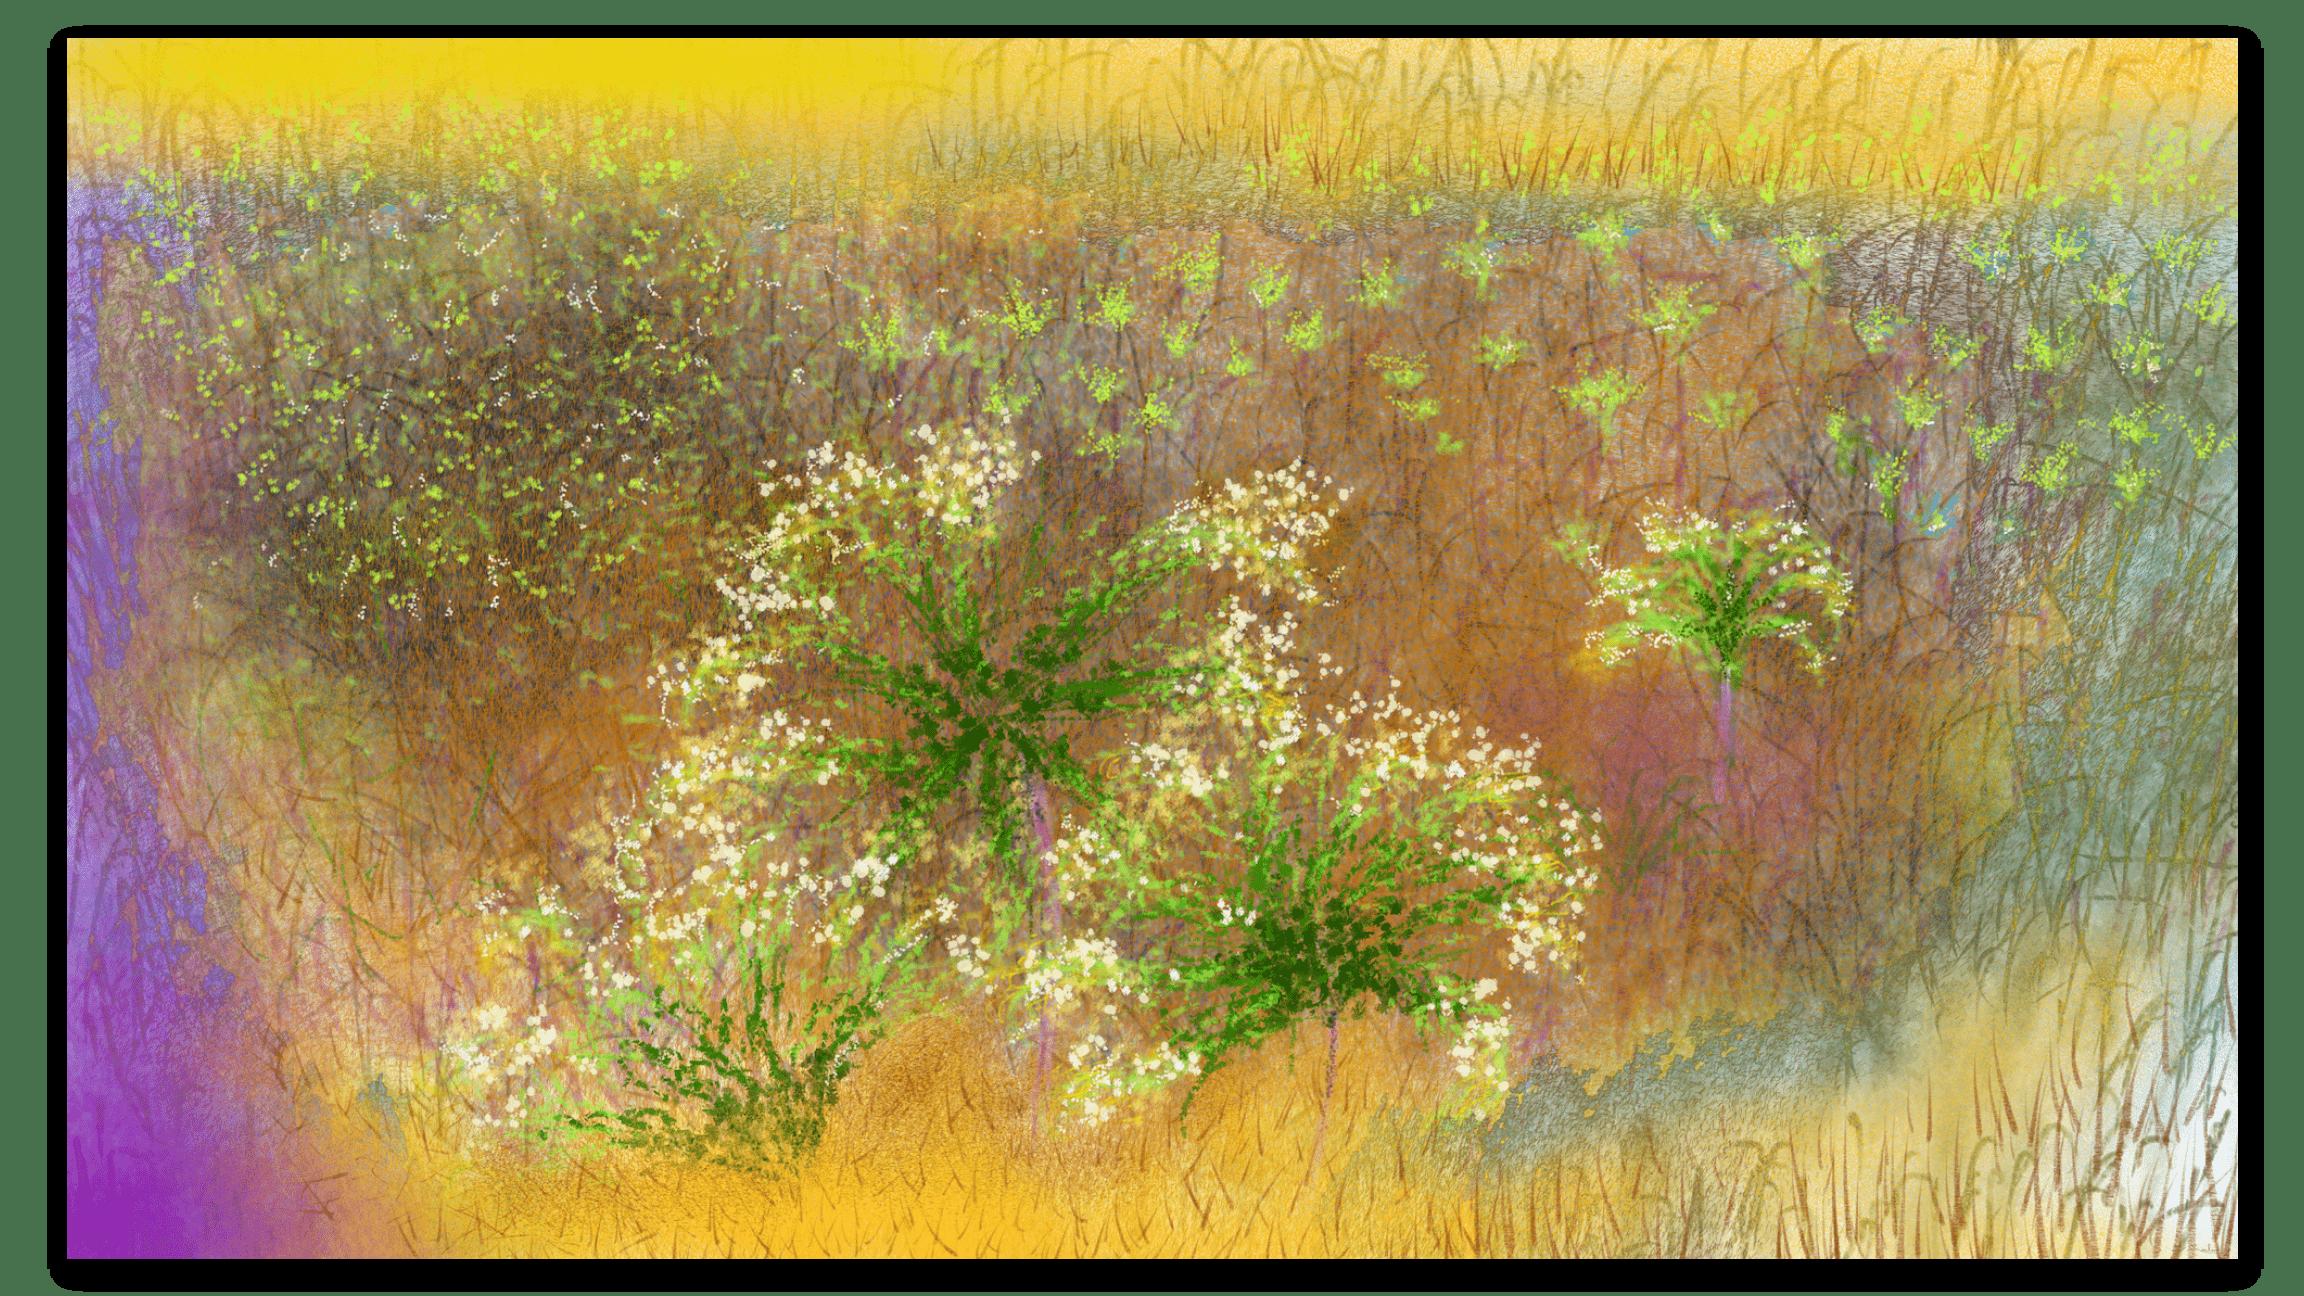 Toutes les fleurs de l'avenir sont dans les semences d'aujourd'hui. — Proverbe Chinois